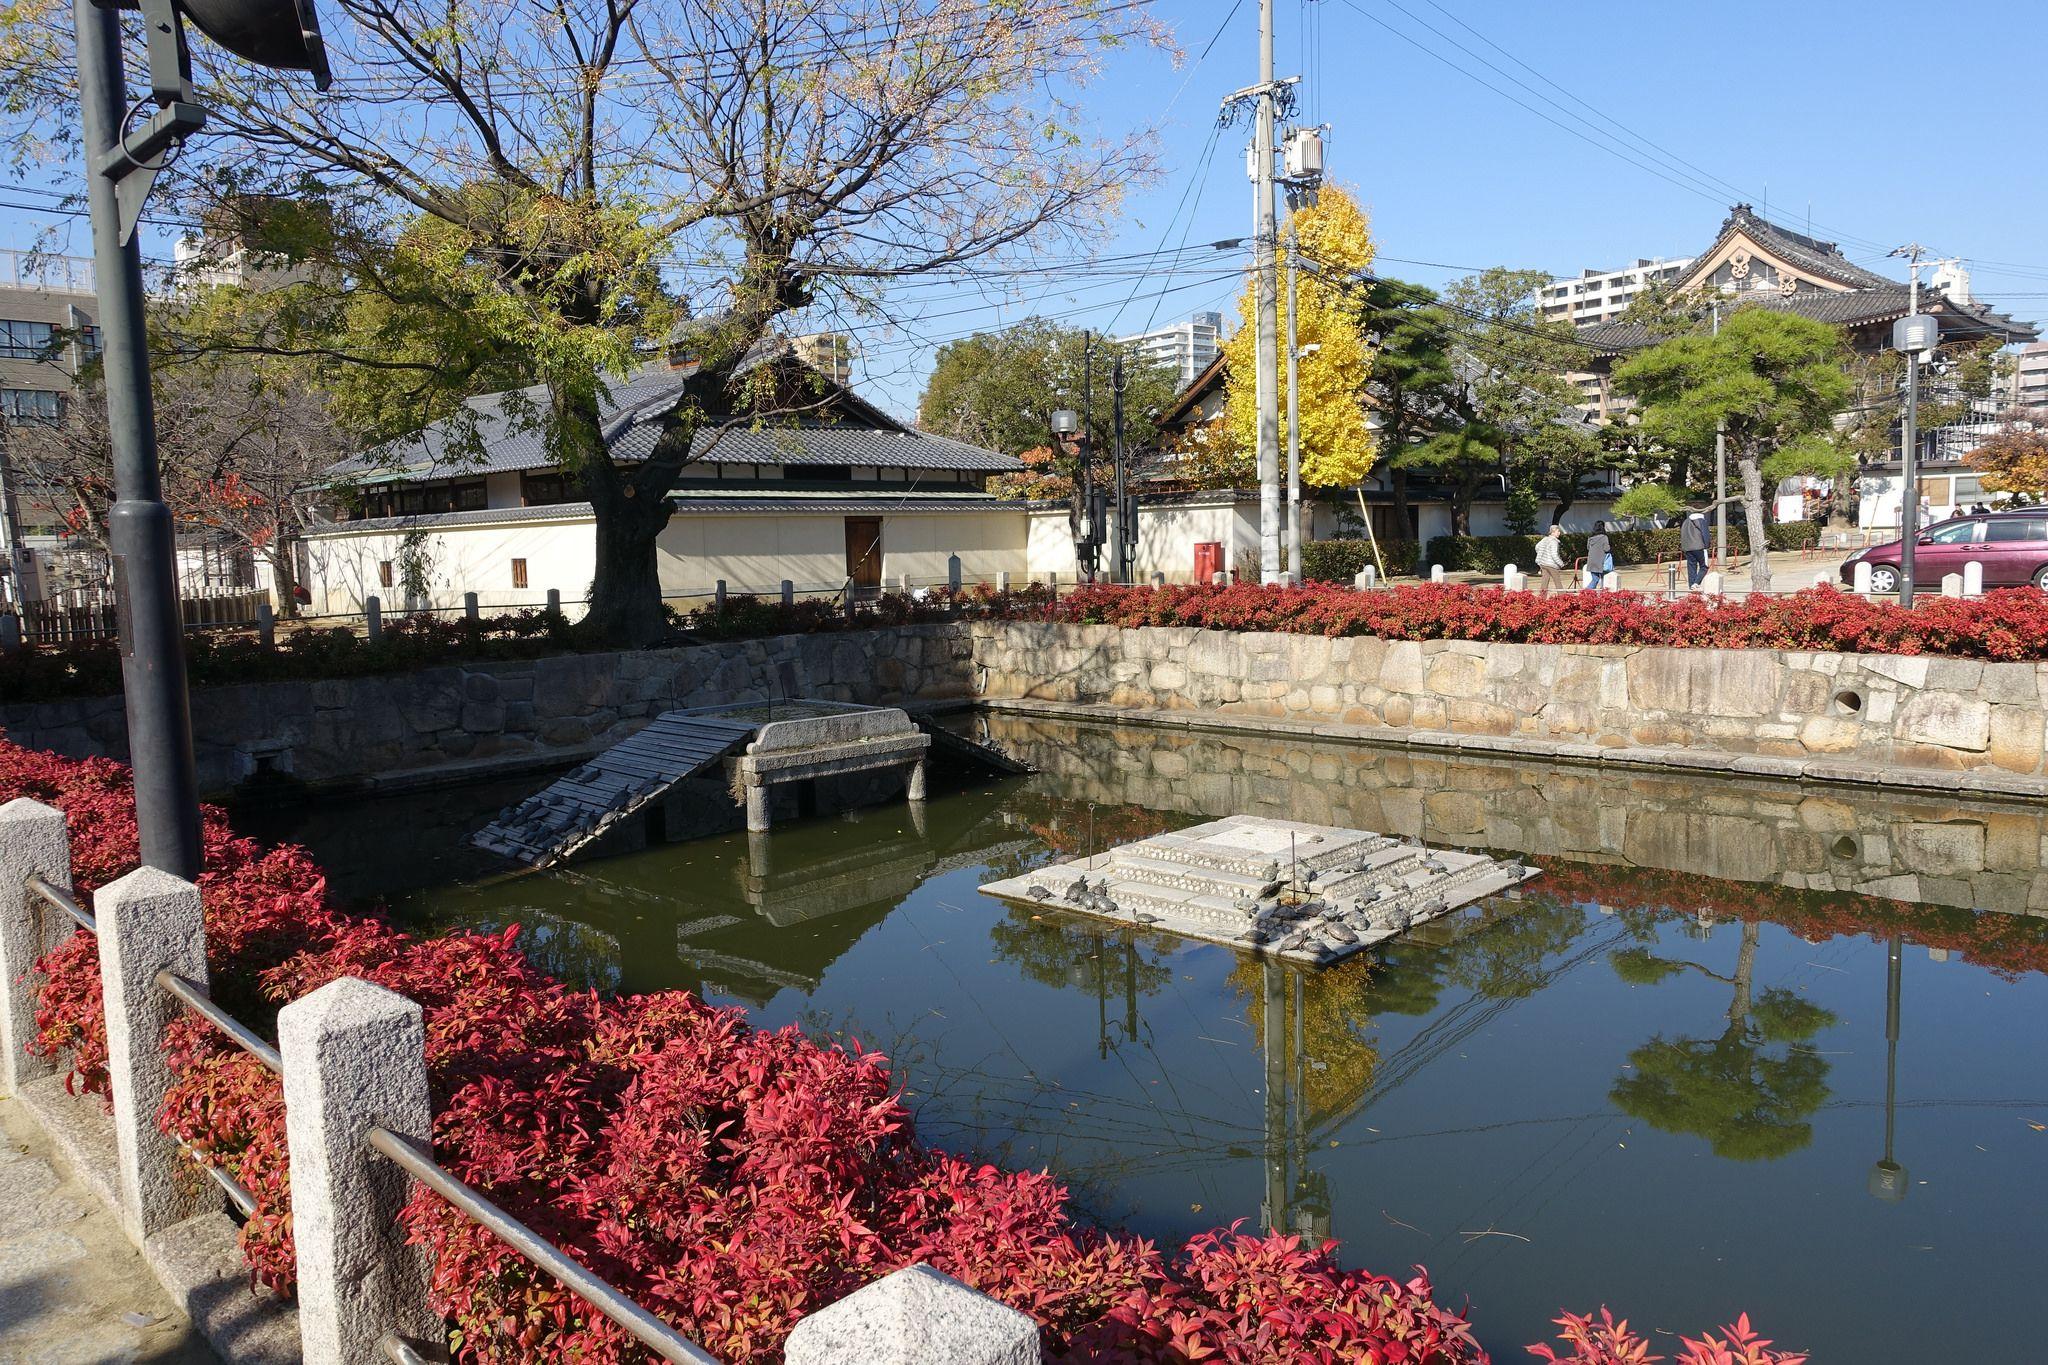 f810df7e874f3ac6c69e1990deec1764 Frais De Aquarium Osaka Concept